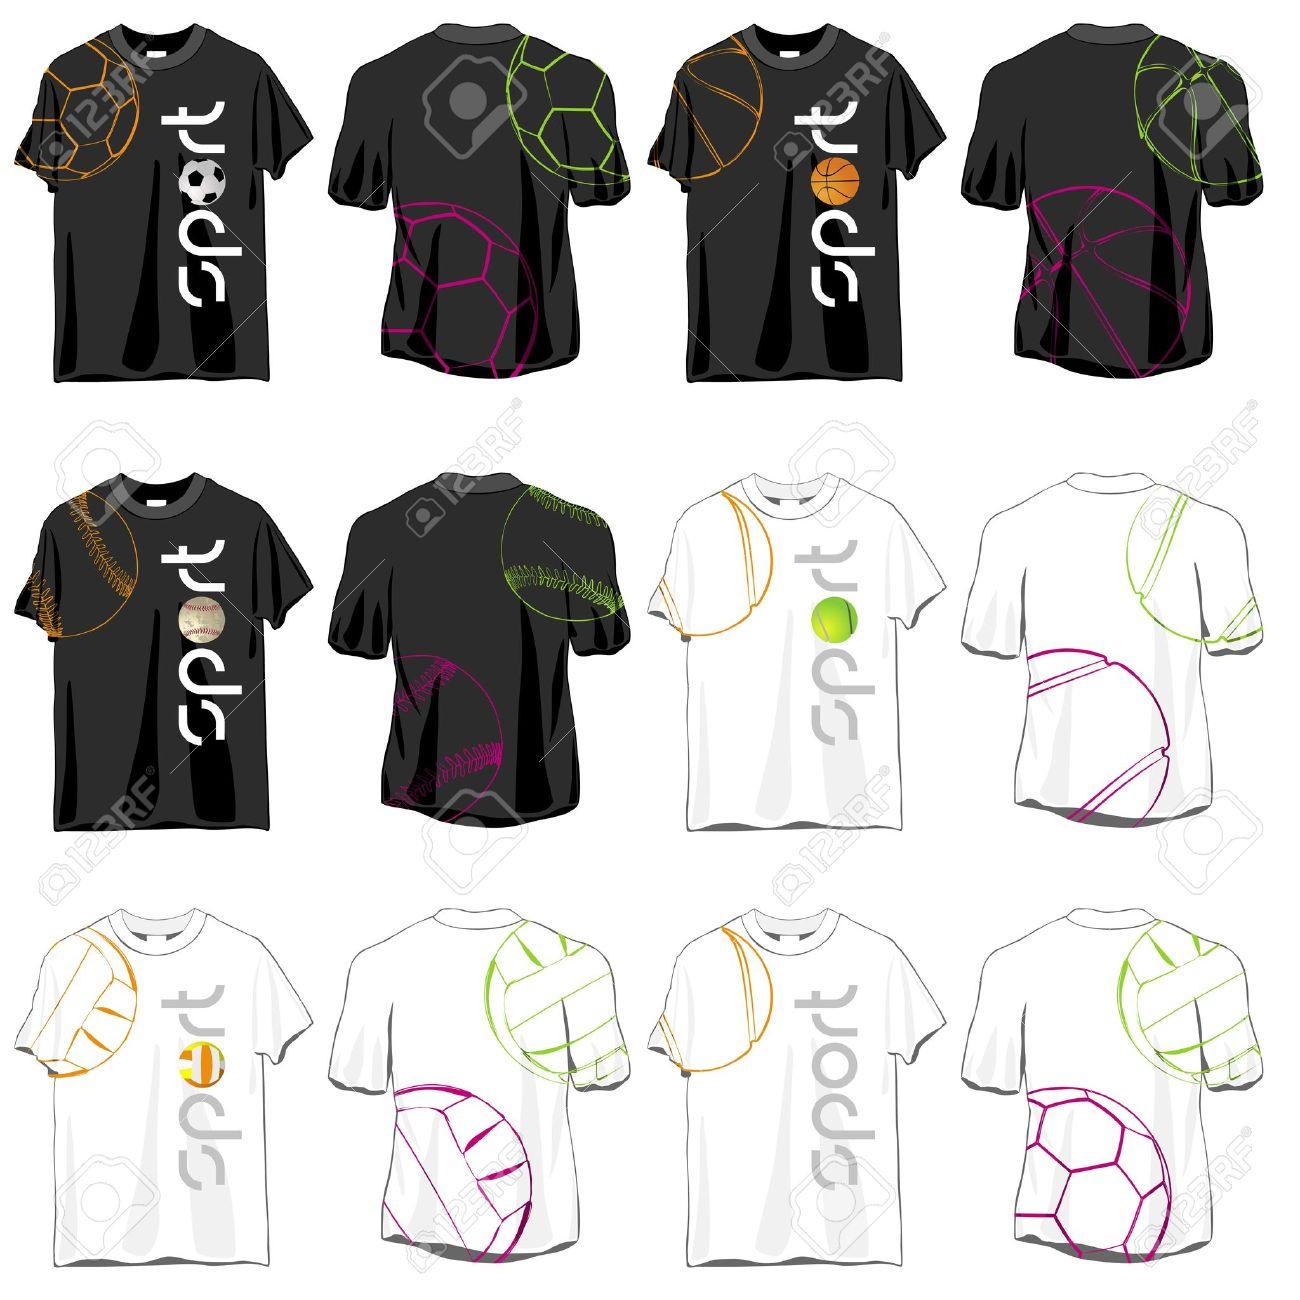 sport t shirts designs set stock vector 13106214 - Volleyball T Shirt Design Ideas